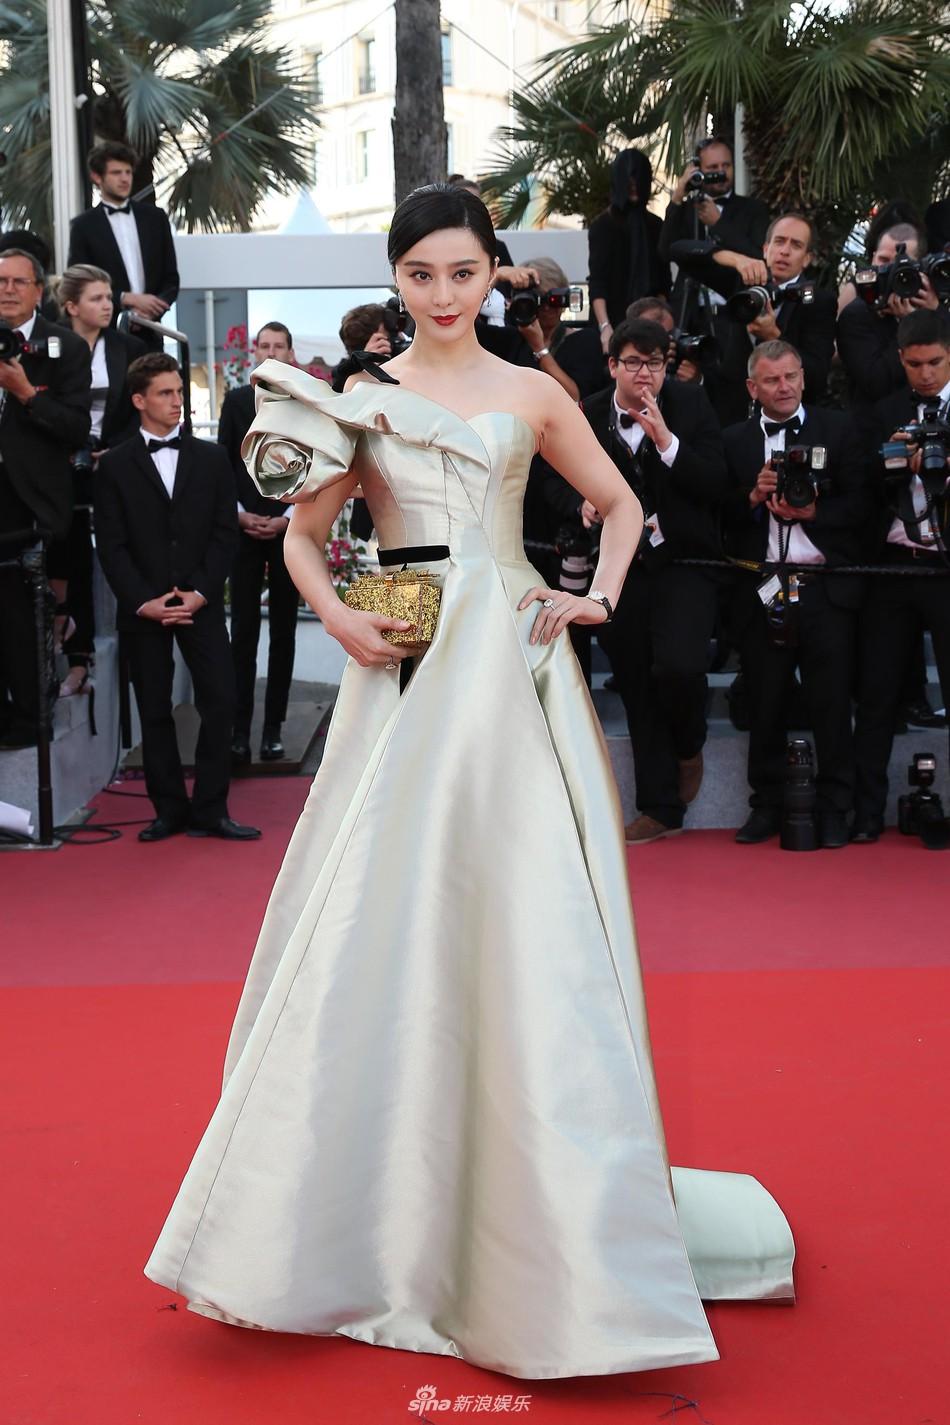 Thảm đỏ Cannes: Đây mới chính là nữ hoàng Phạm Băng Băng mà tất cả cùng mong chờ! - Ảnh 7.